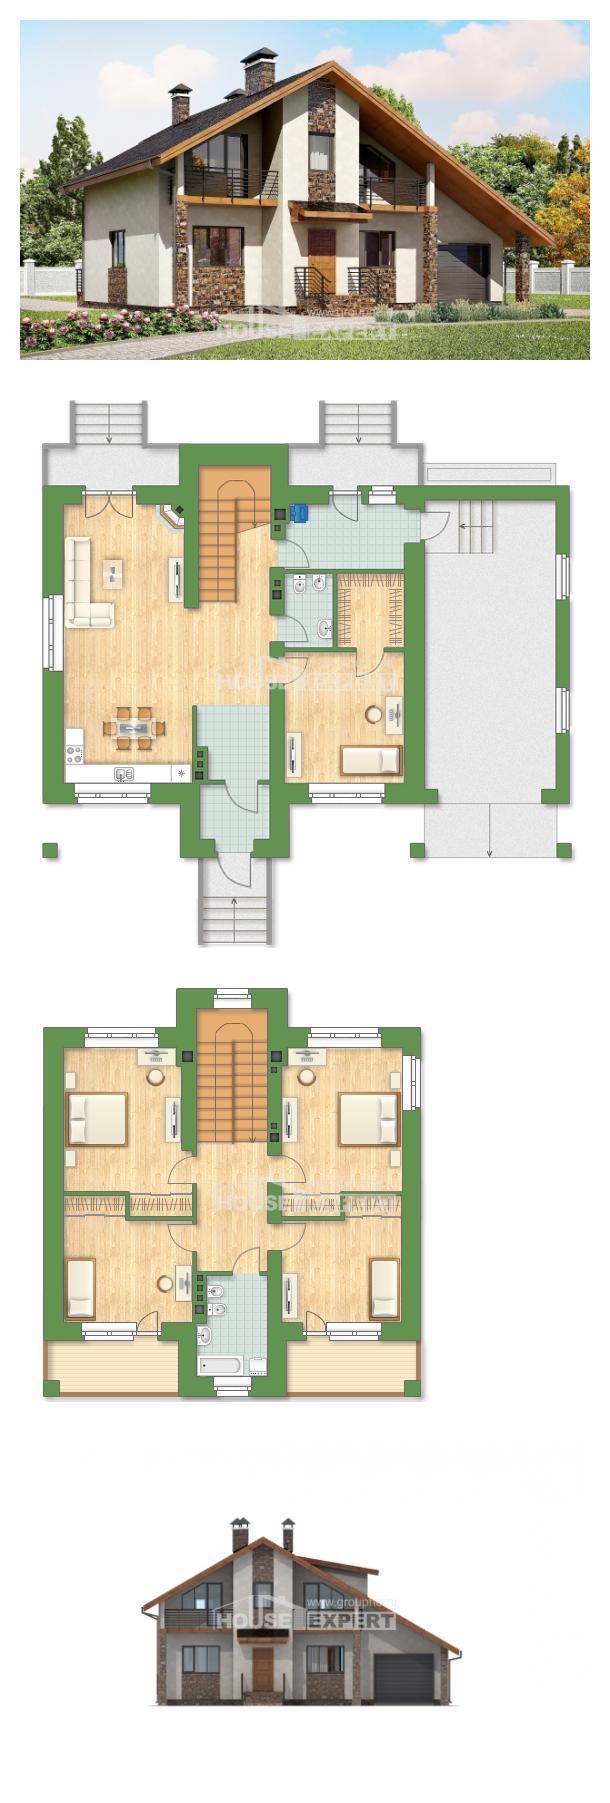 Plan 180-008-R   House Expert